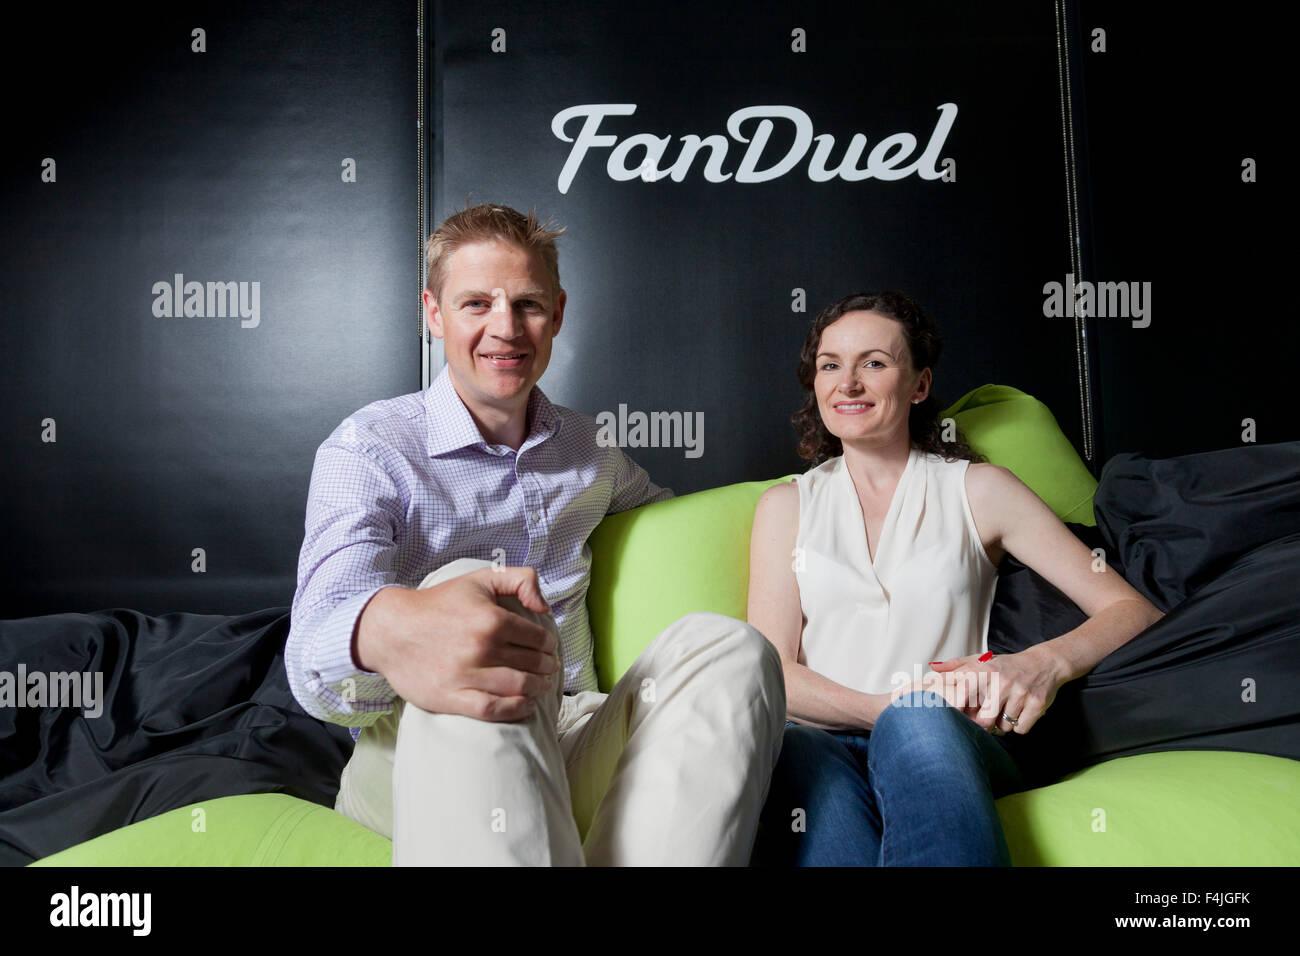 Nigel (à gauche) et Lesley Eccles. Co-fondateurs de la plate-forme en ligne fantasy sports, FanDuel. Edimbourg, Photo Stock